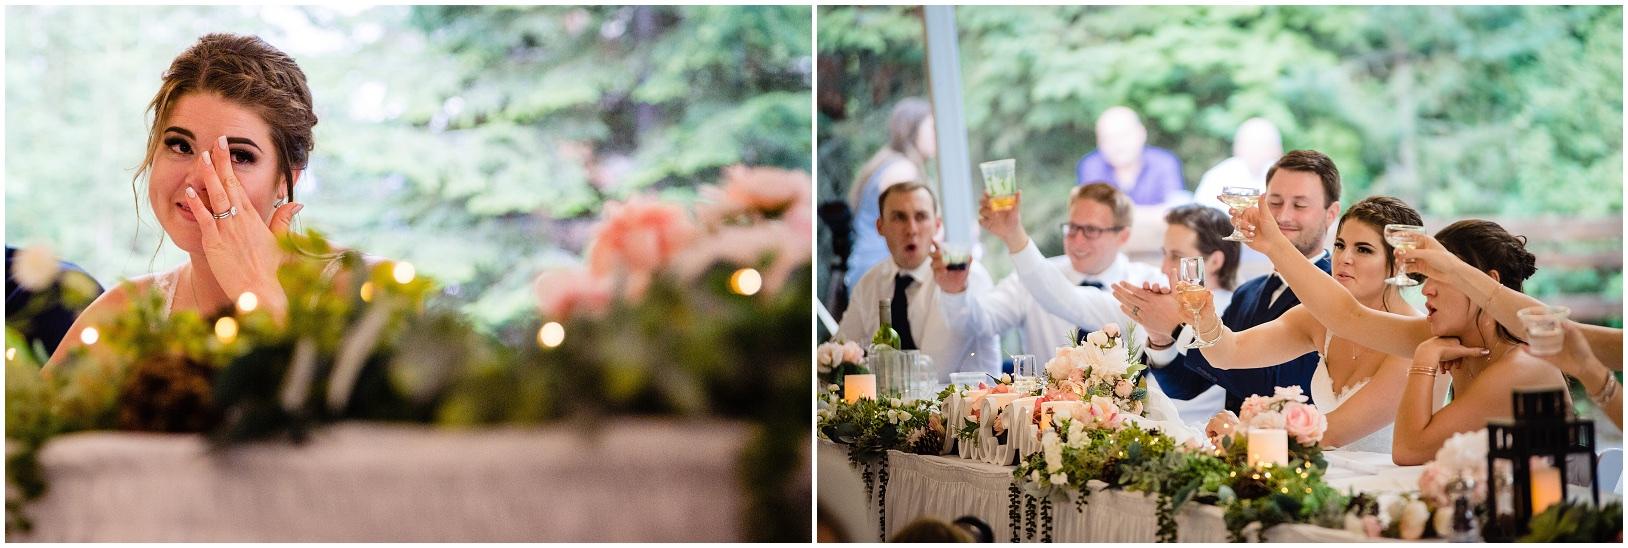 lindseyjanephotography_wedding0081.jpg